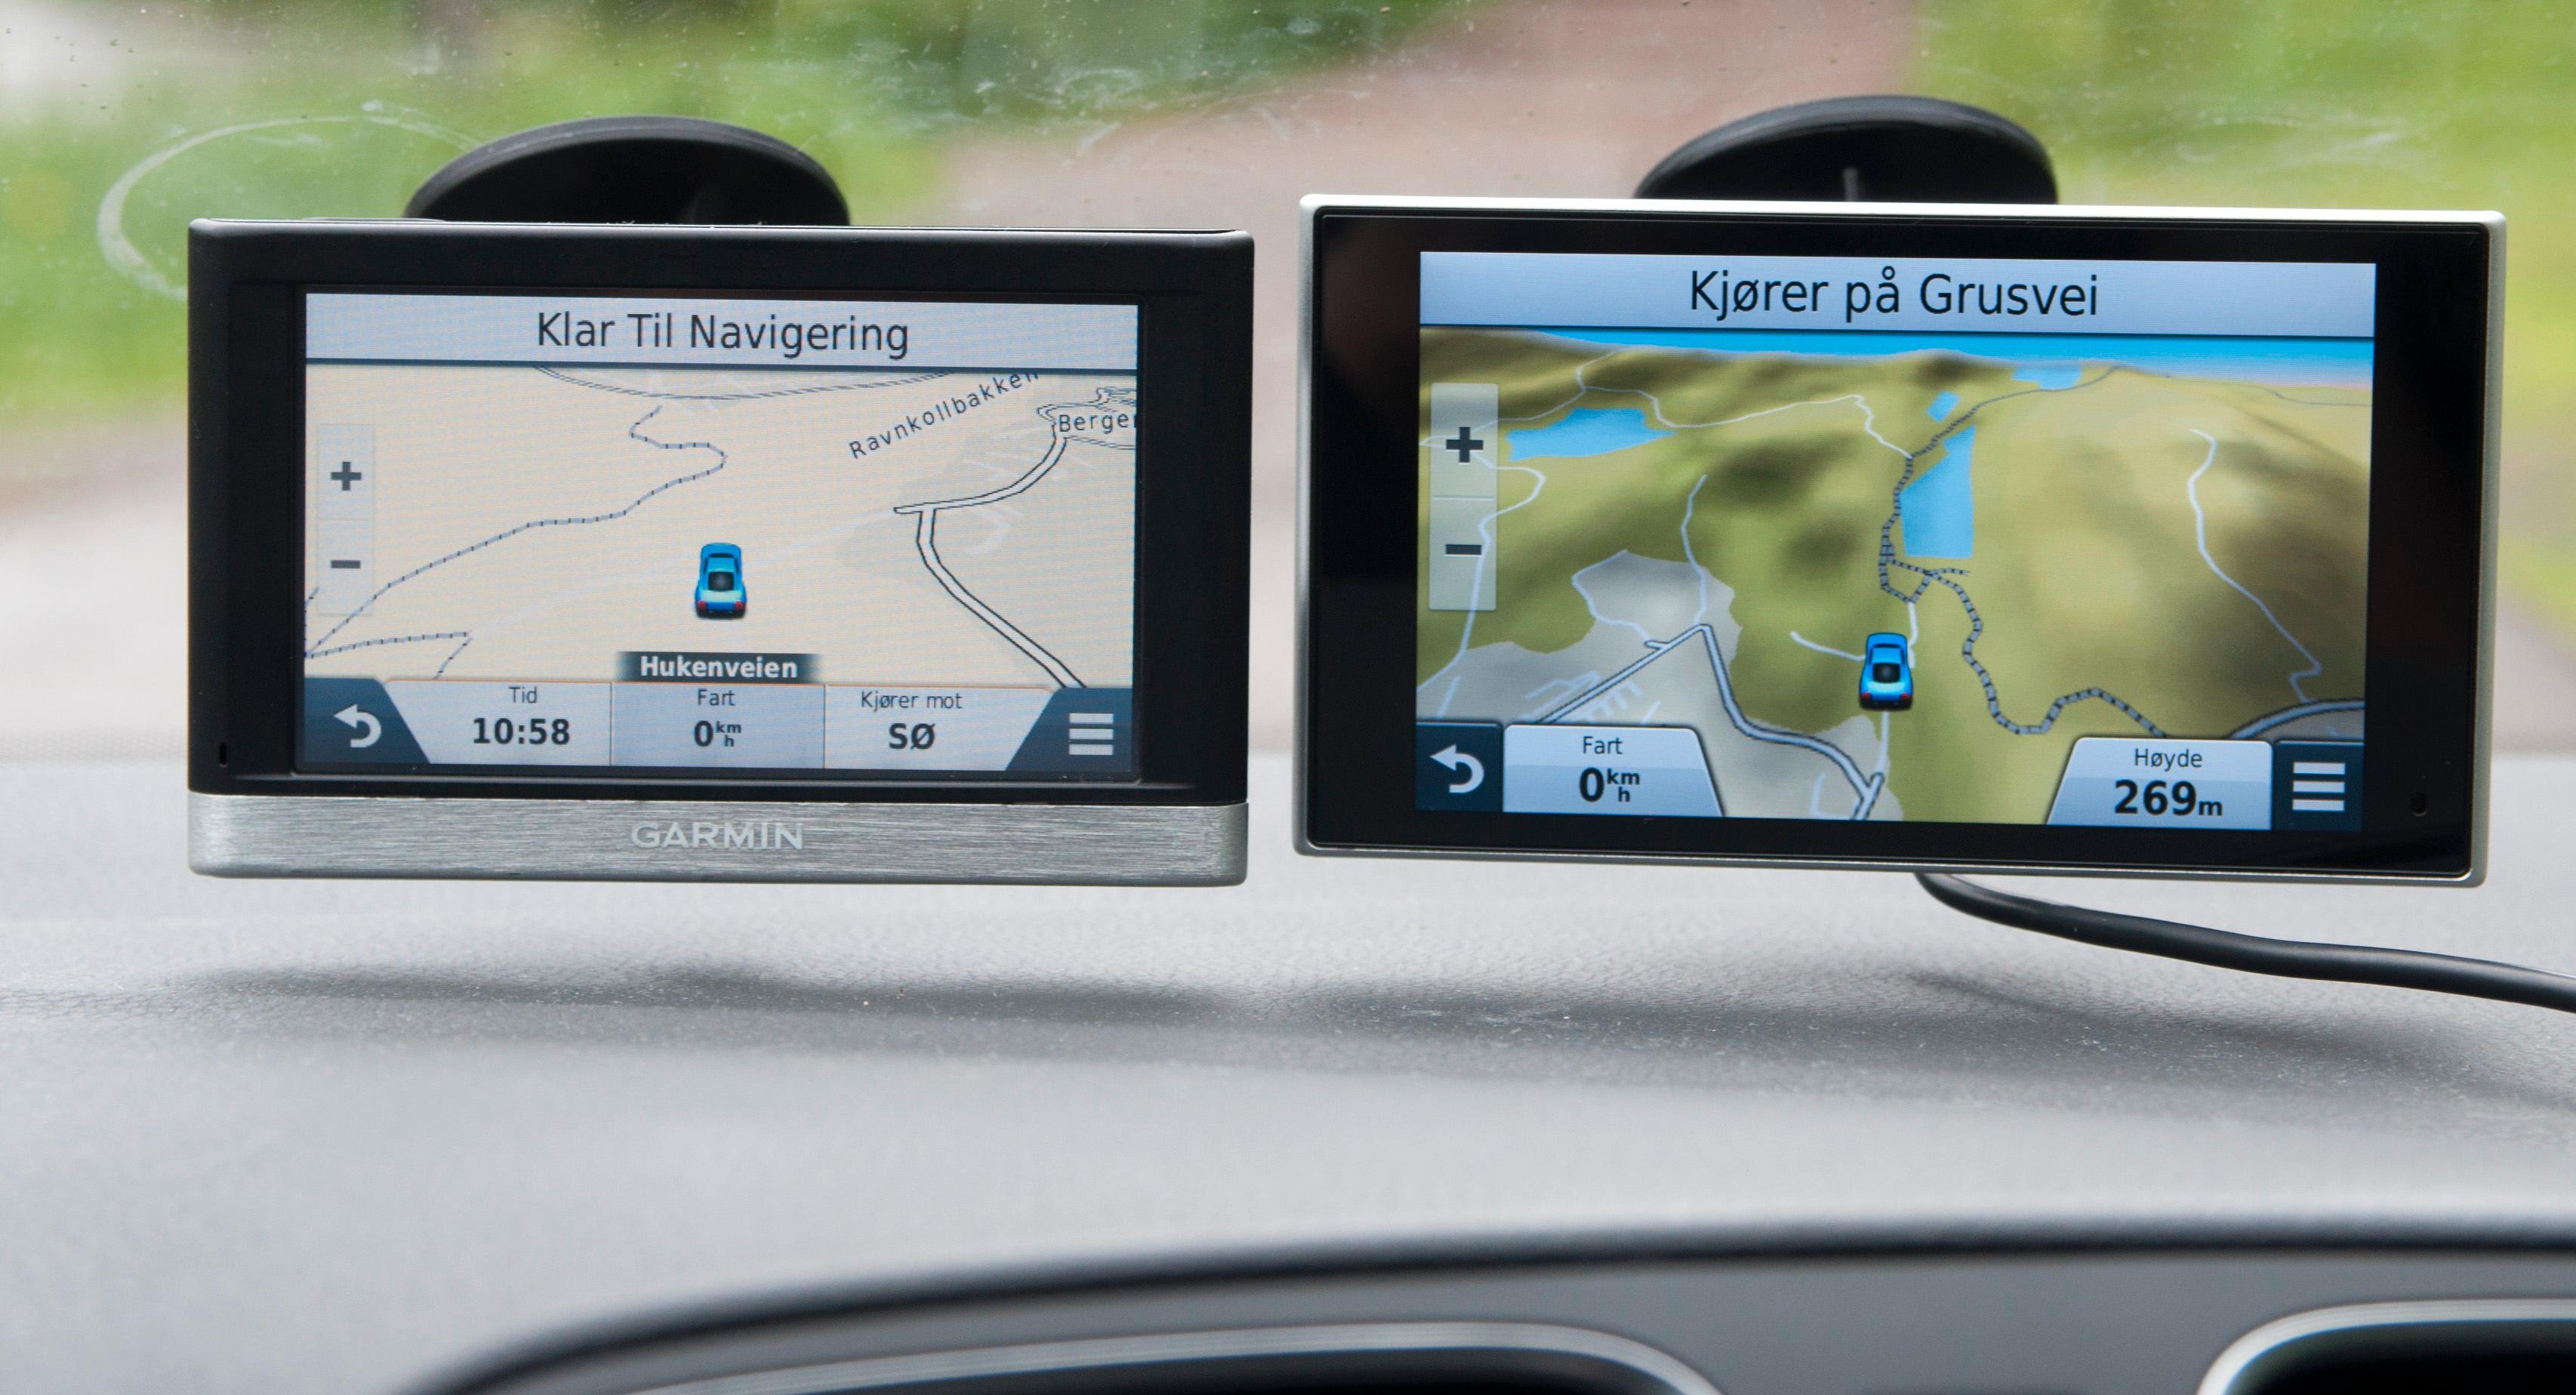 Det er stor forskjell i skjermkvalitet fra toppmodellen og ned til Nüvi 2497 LMT. Begge oppleves likevel som helt tilstrekkelige i de fleste situasjoner. Her og der ser vi små forskjeller, som fargen på skogen i de to kartene.Foto: Finn Jarle Kvalheim, Amobil.no